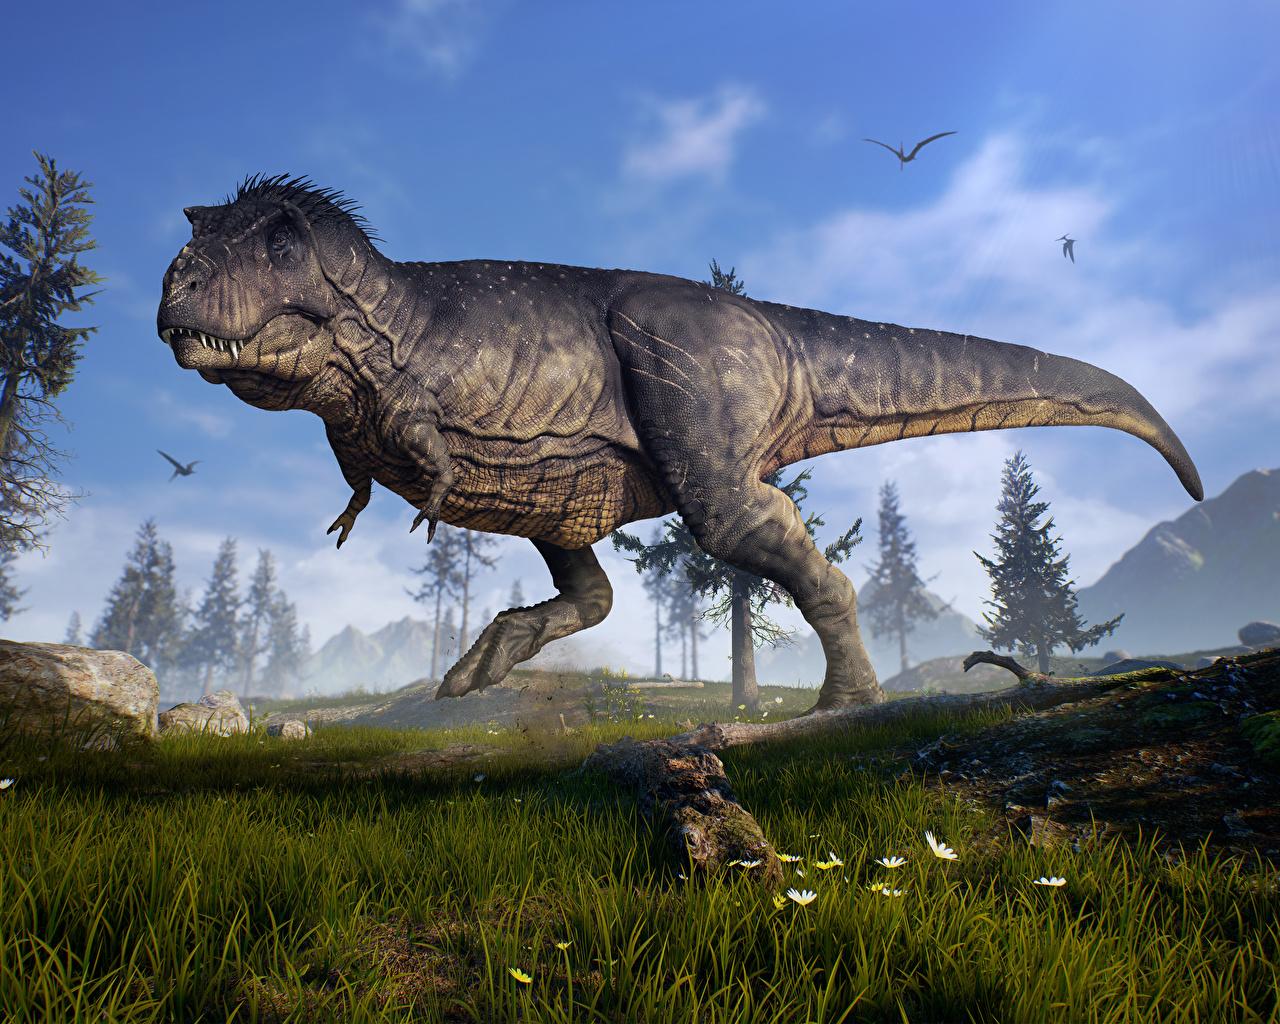 Обои для рабочего стола Тираннозавр рекс Динозавры 3D Графика Трава Животные Крупным планом динозавр 3д траве вблизи животное